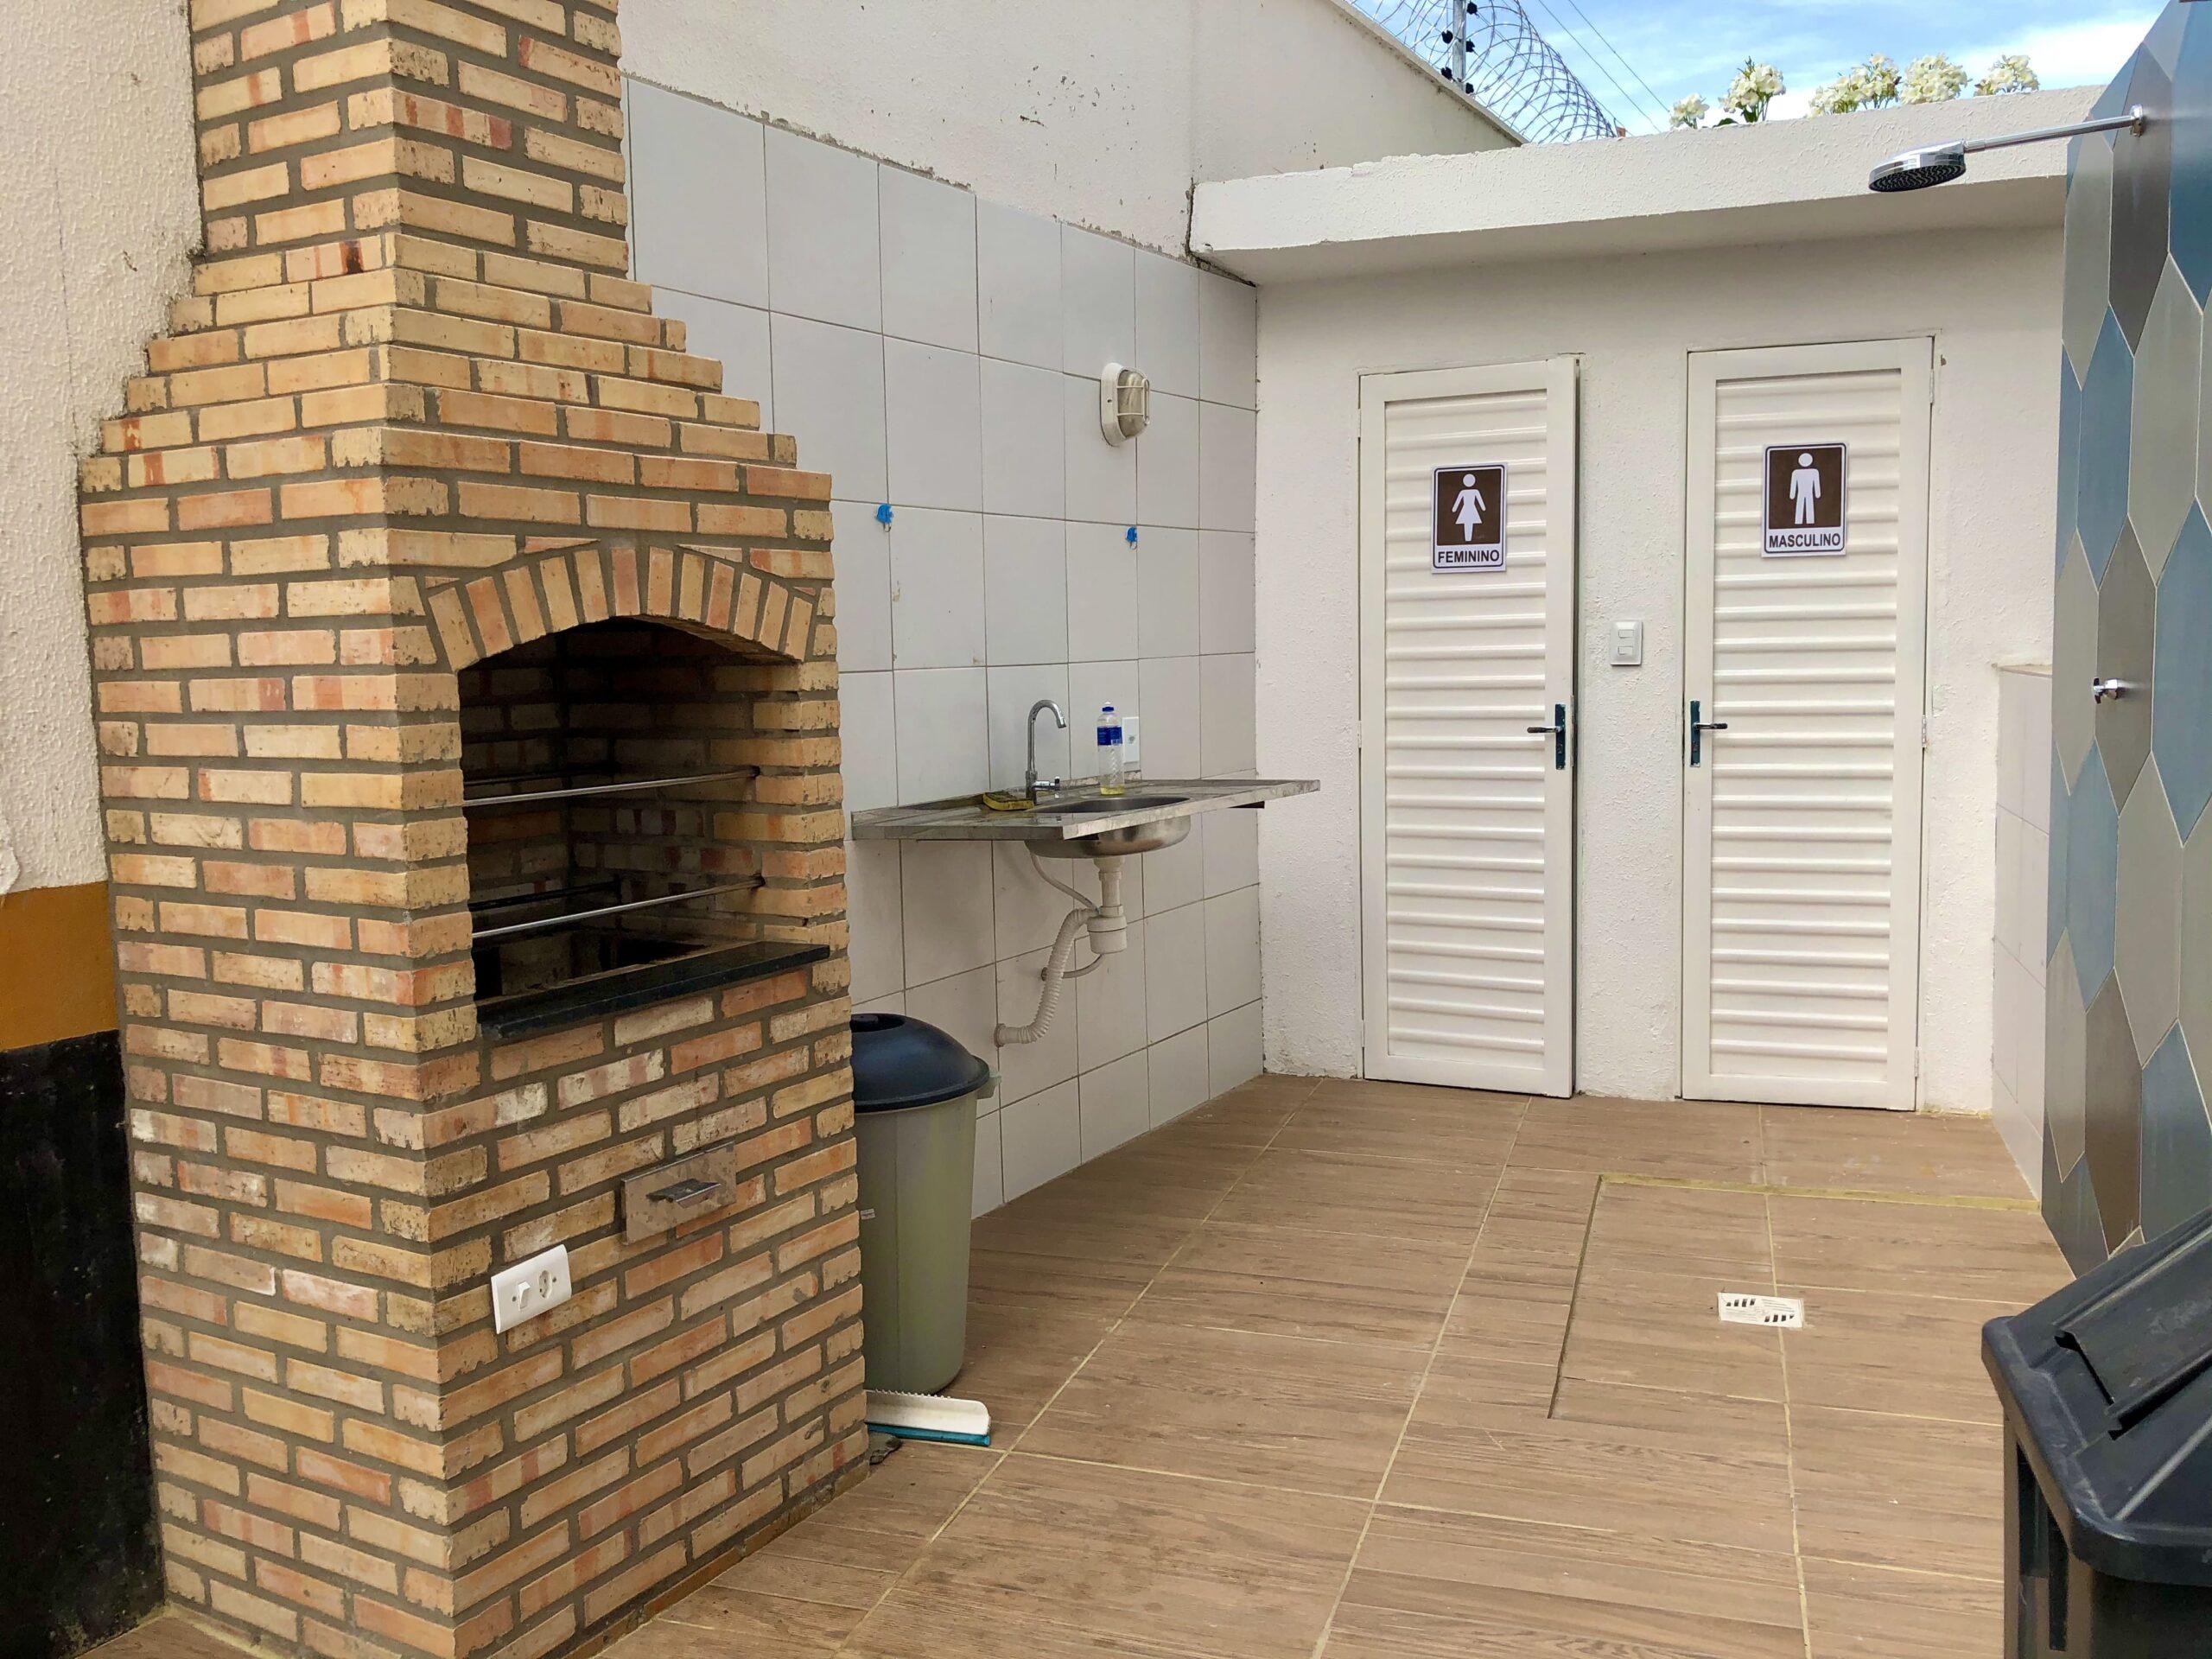 4 Apartamento para venda no Edifício Recanto das Palmeiras Teresina,3 Quartos, sendo 1 suíte, banheiro social, 1 vaga, piso em porcelanato